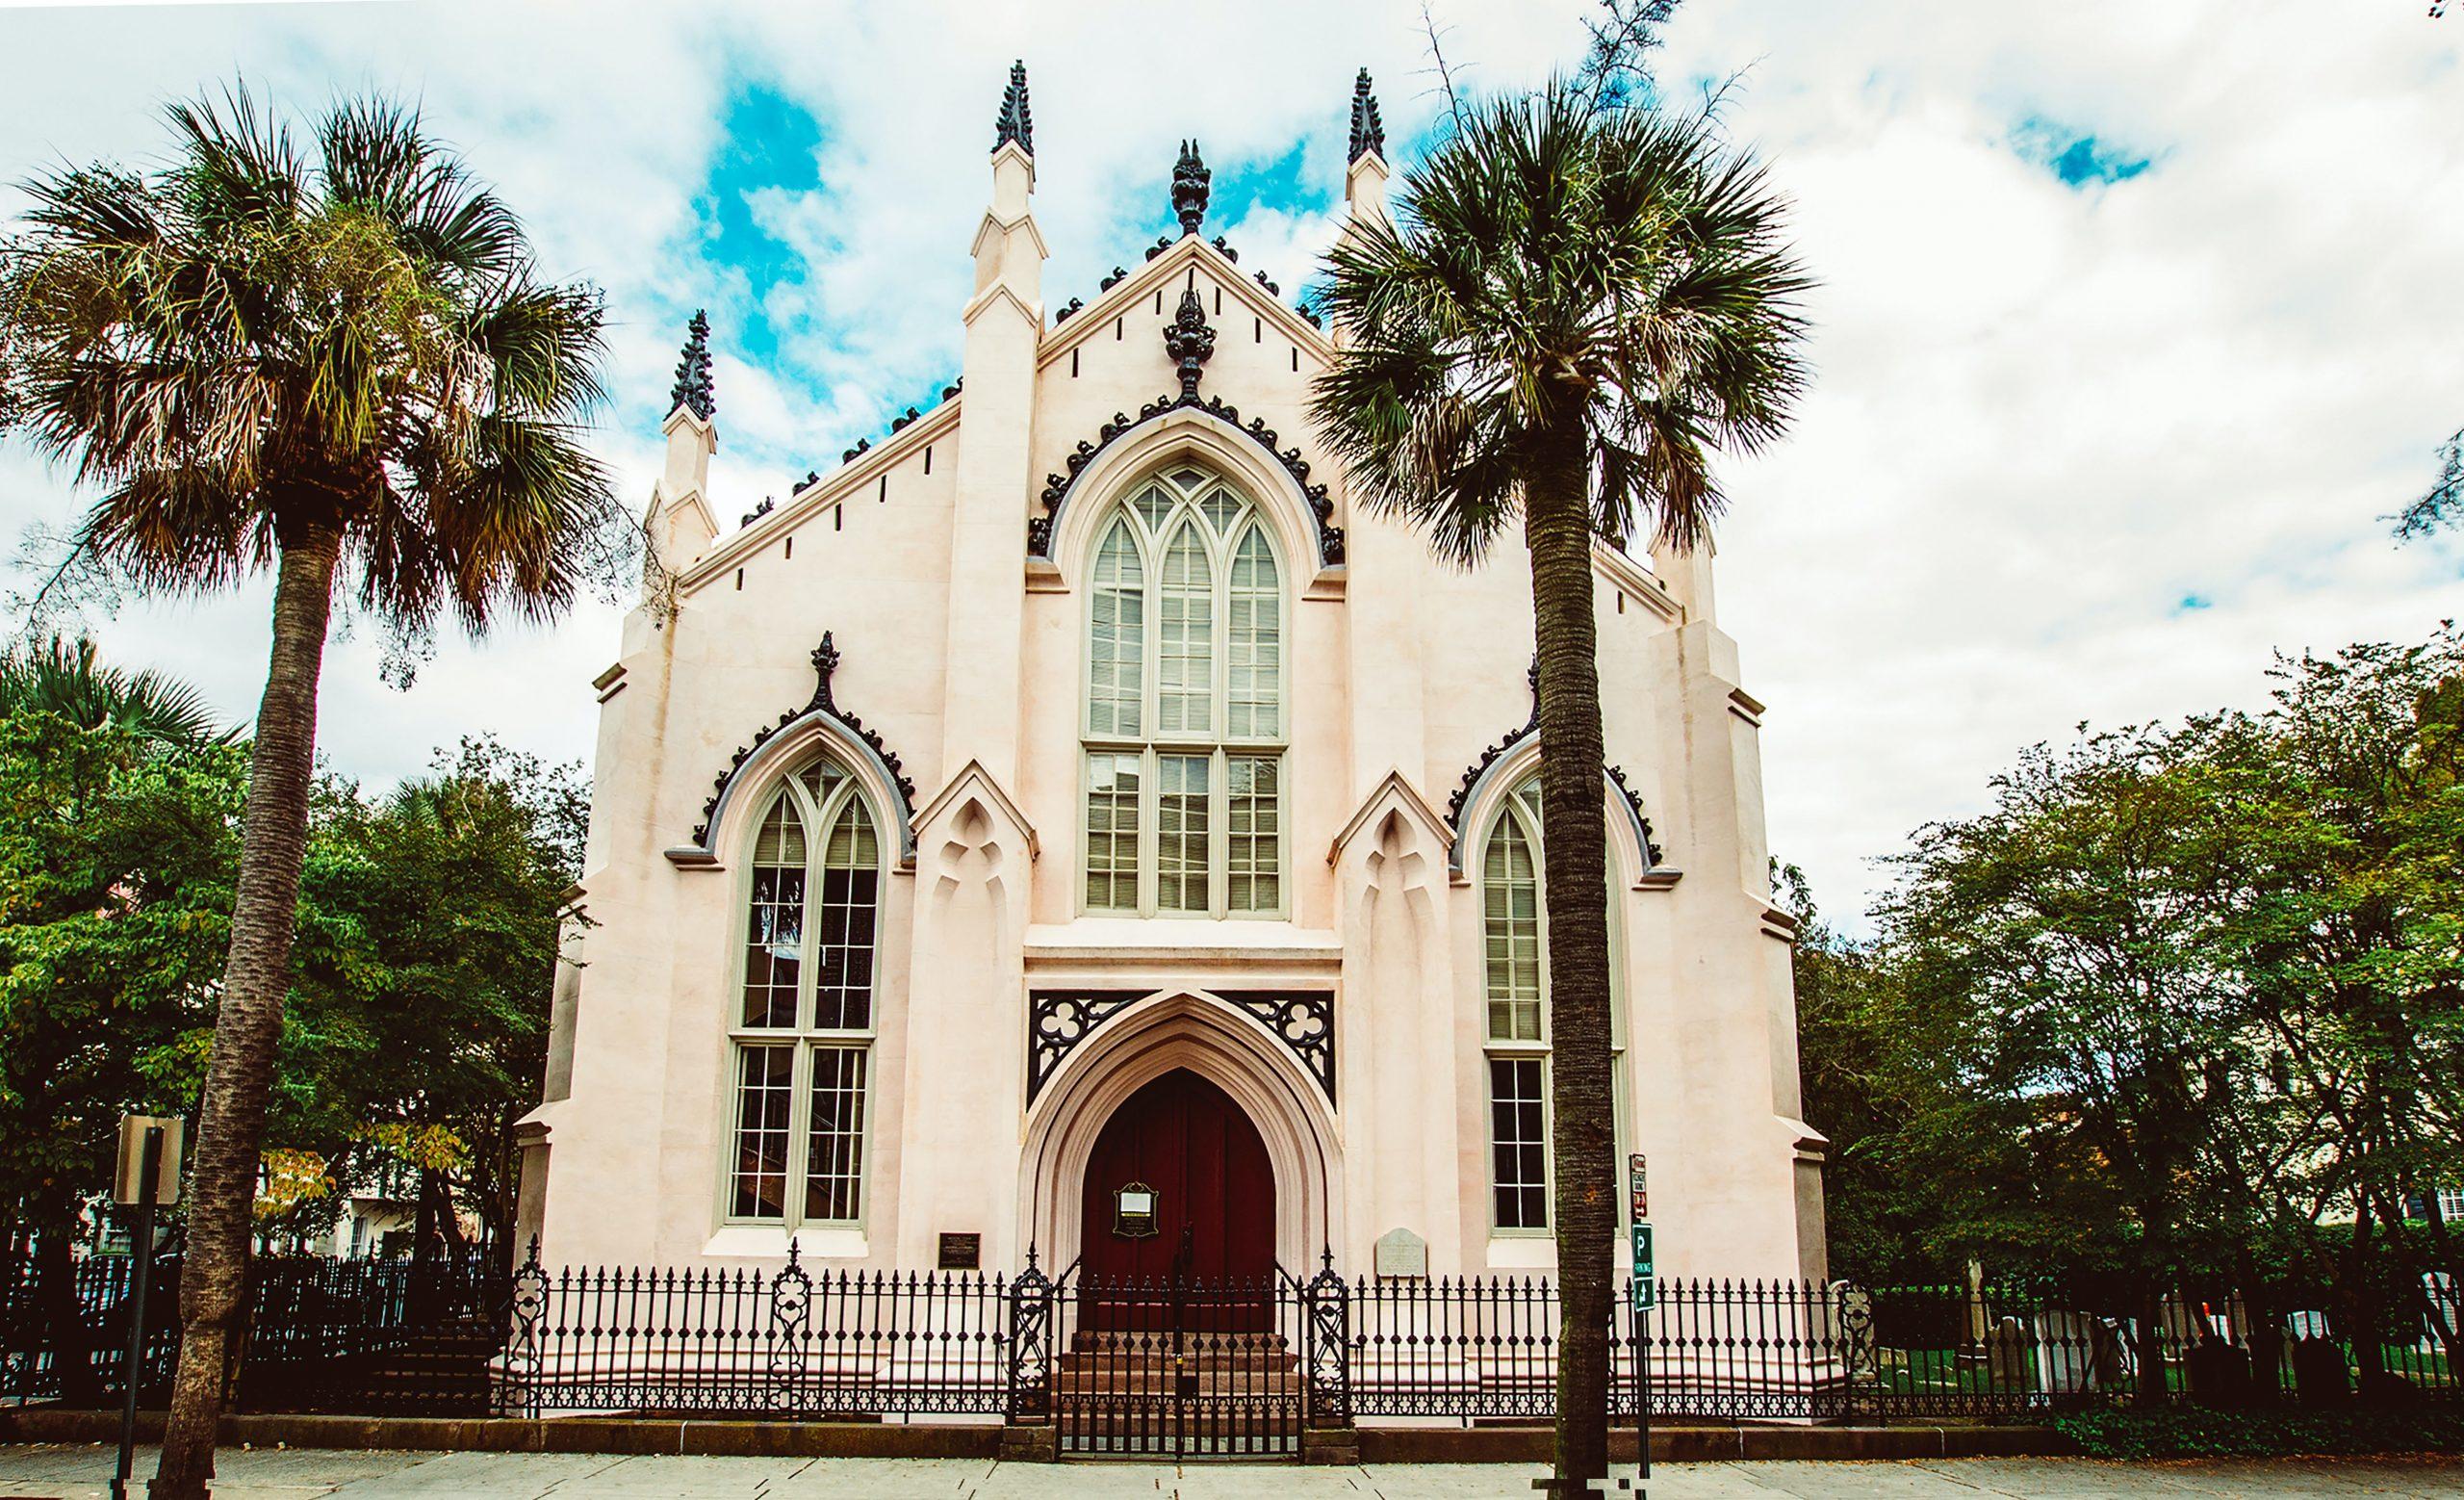 A church in Charleston, South Carolina